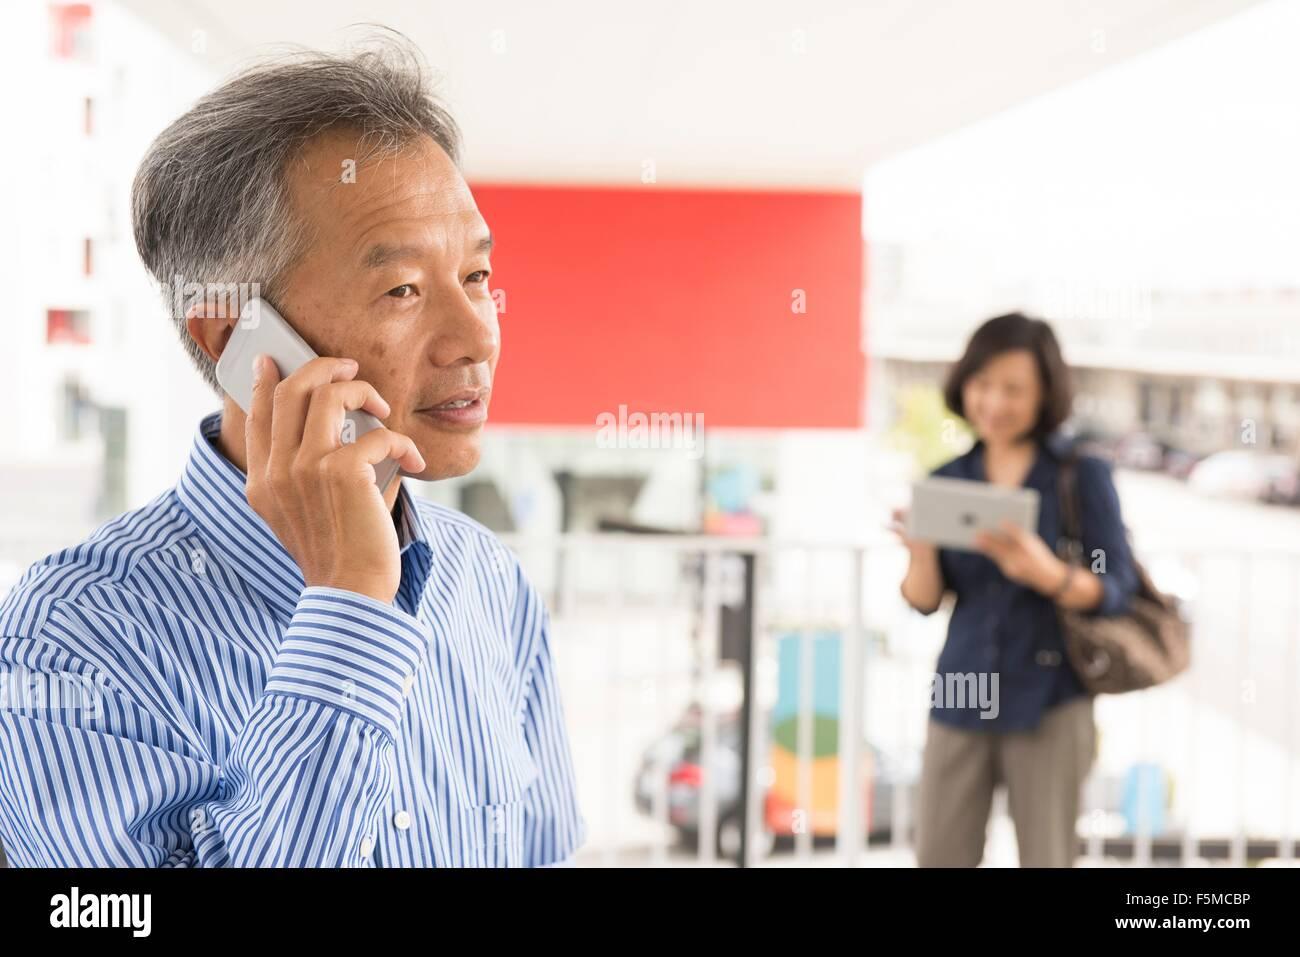 Cabeza y hombros de un hombre maduro, hablando en smartphone mirando lejos Imagen De Stock